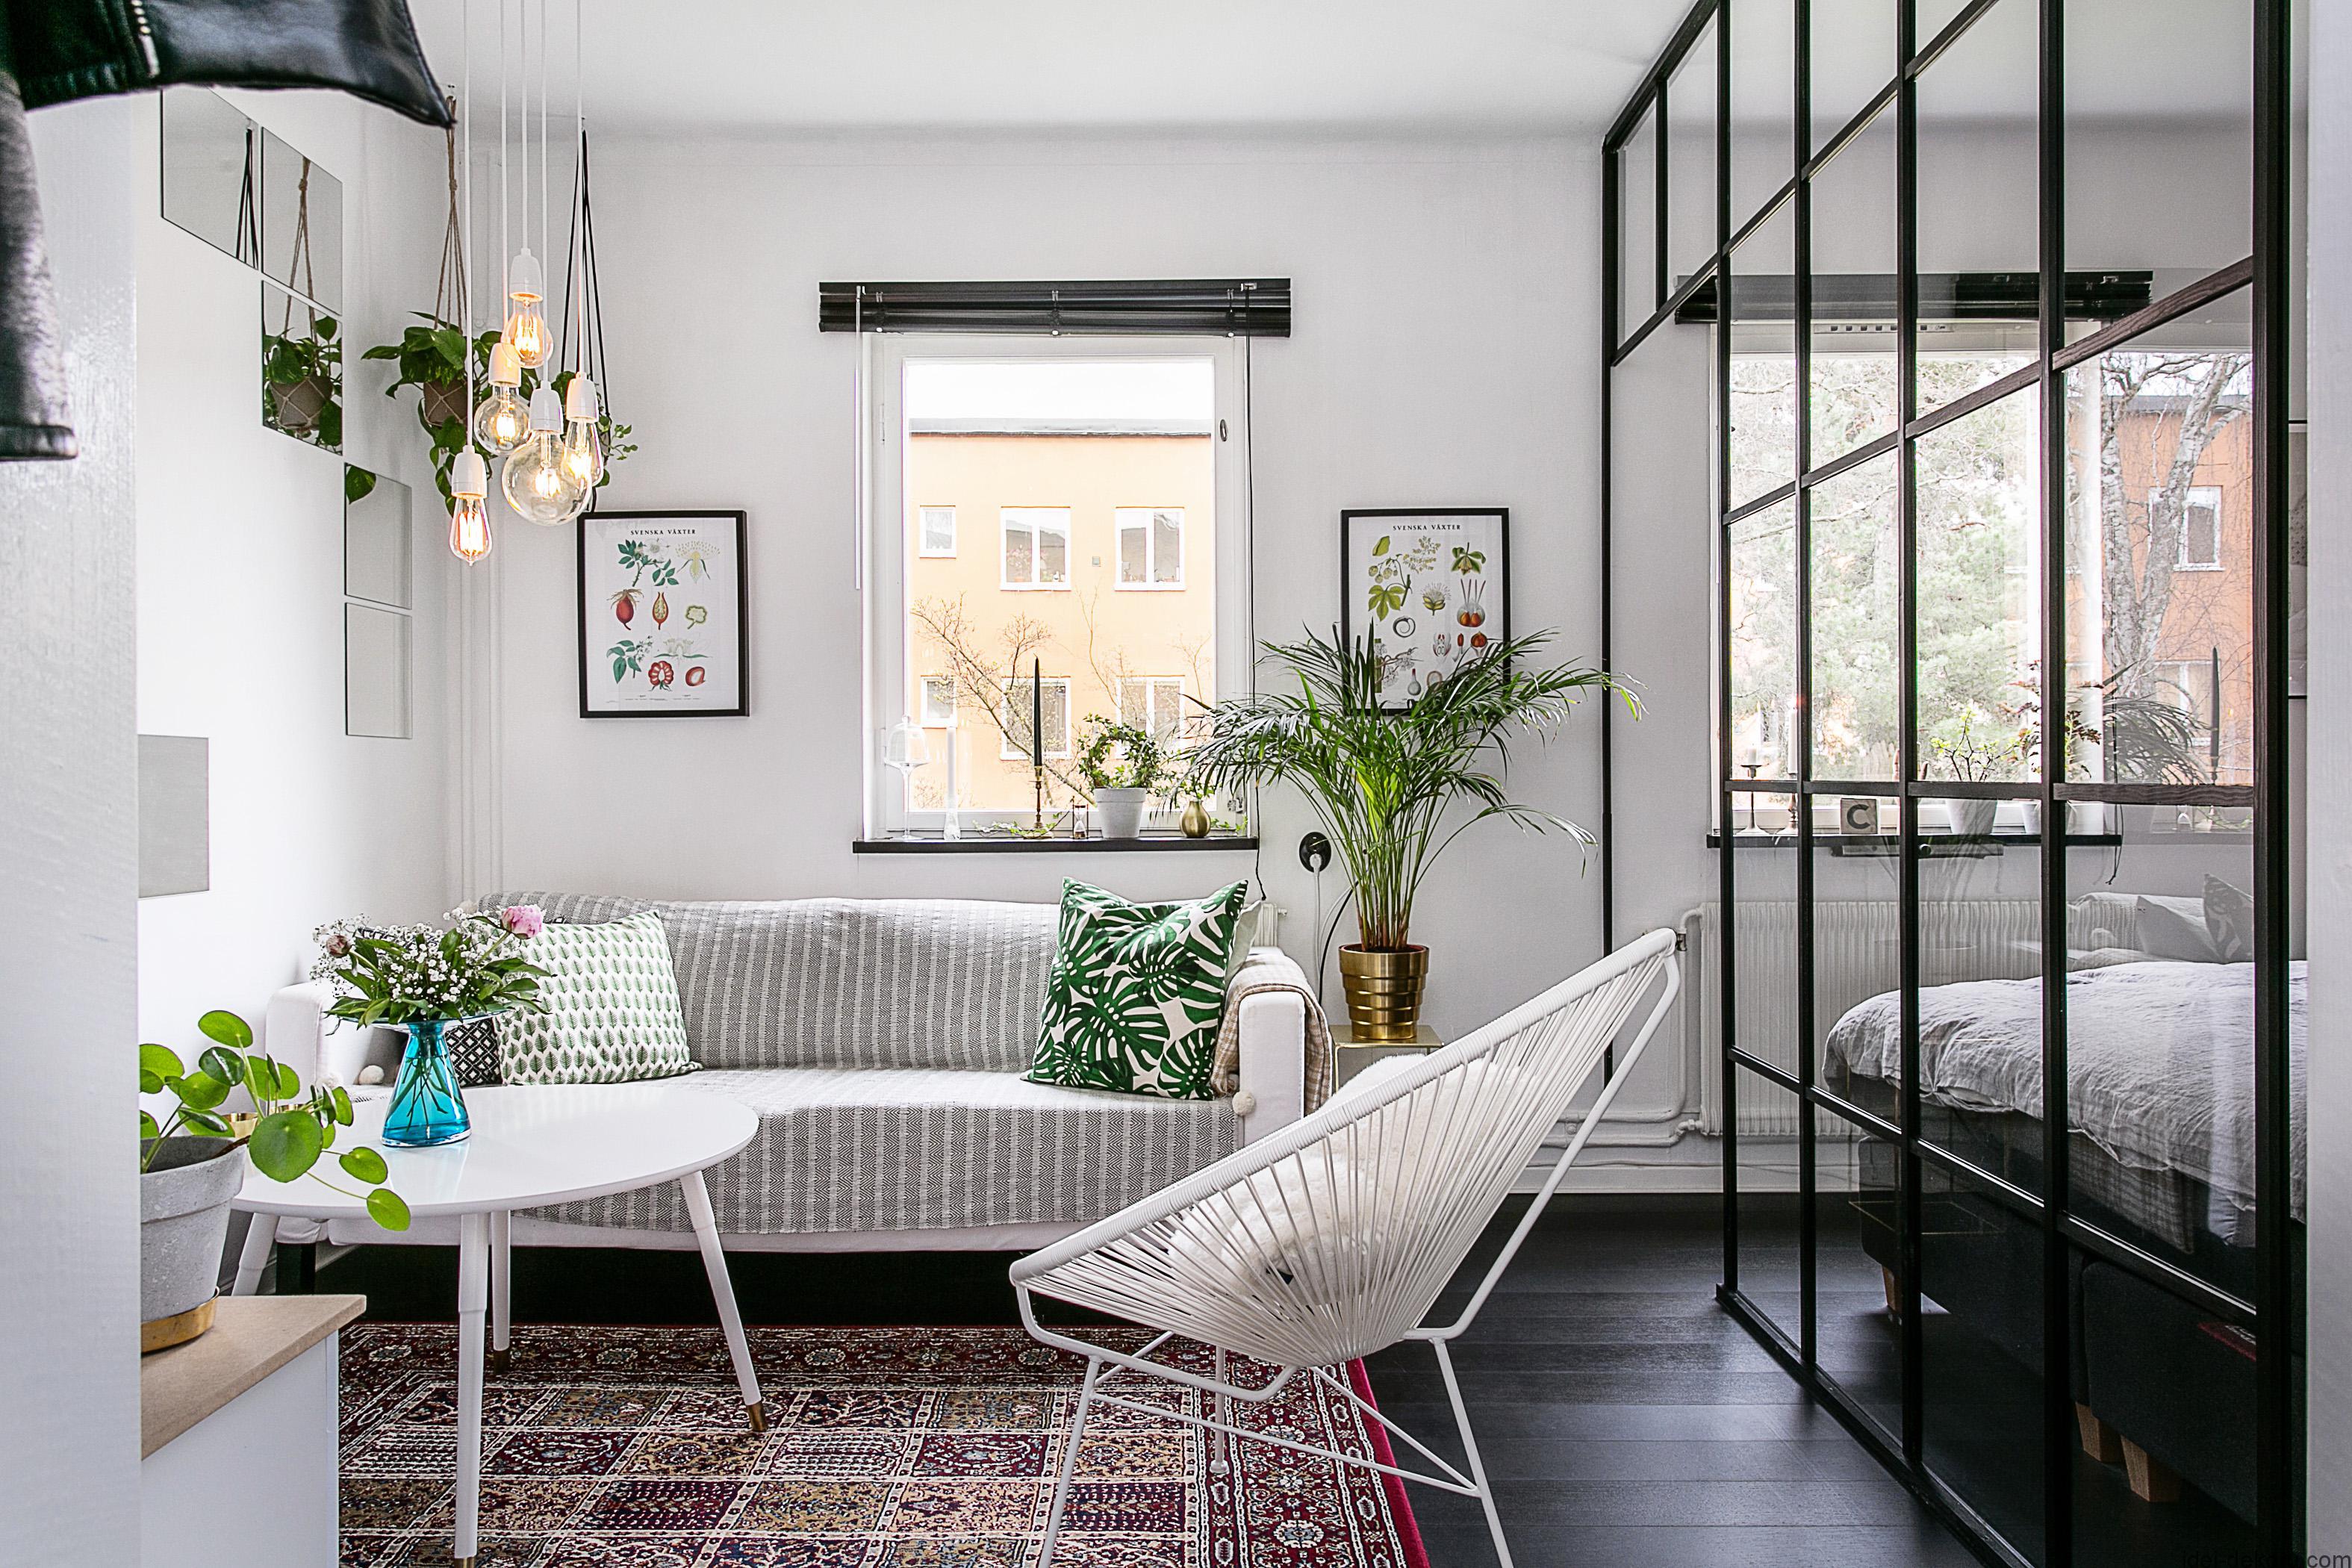 35㎡小户型公寓客厅装修效果图